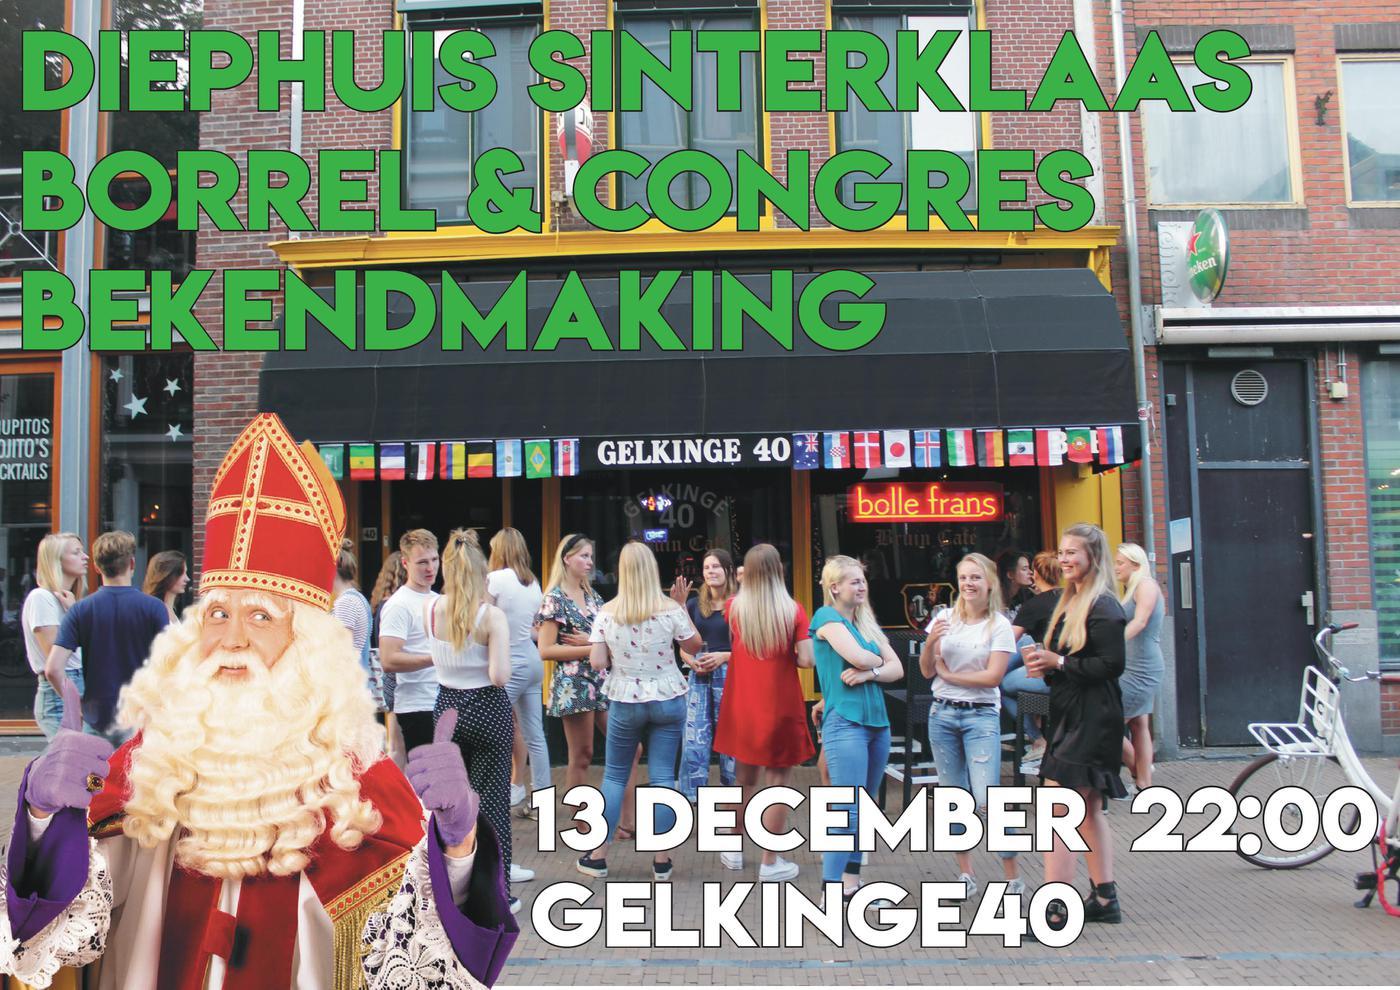 Diephuisborrel december Sinterklaasborrel & congresbekendmaking